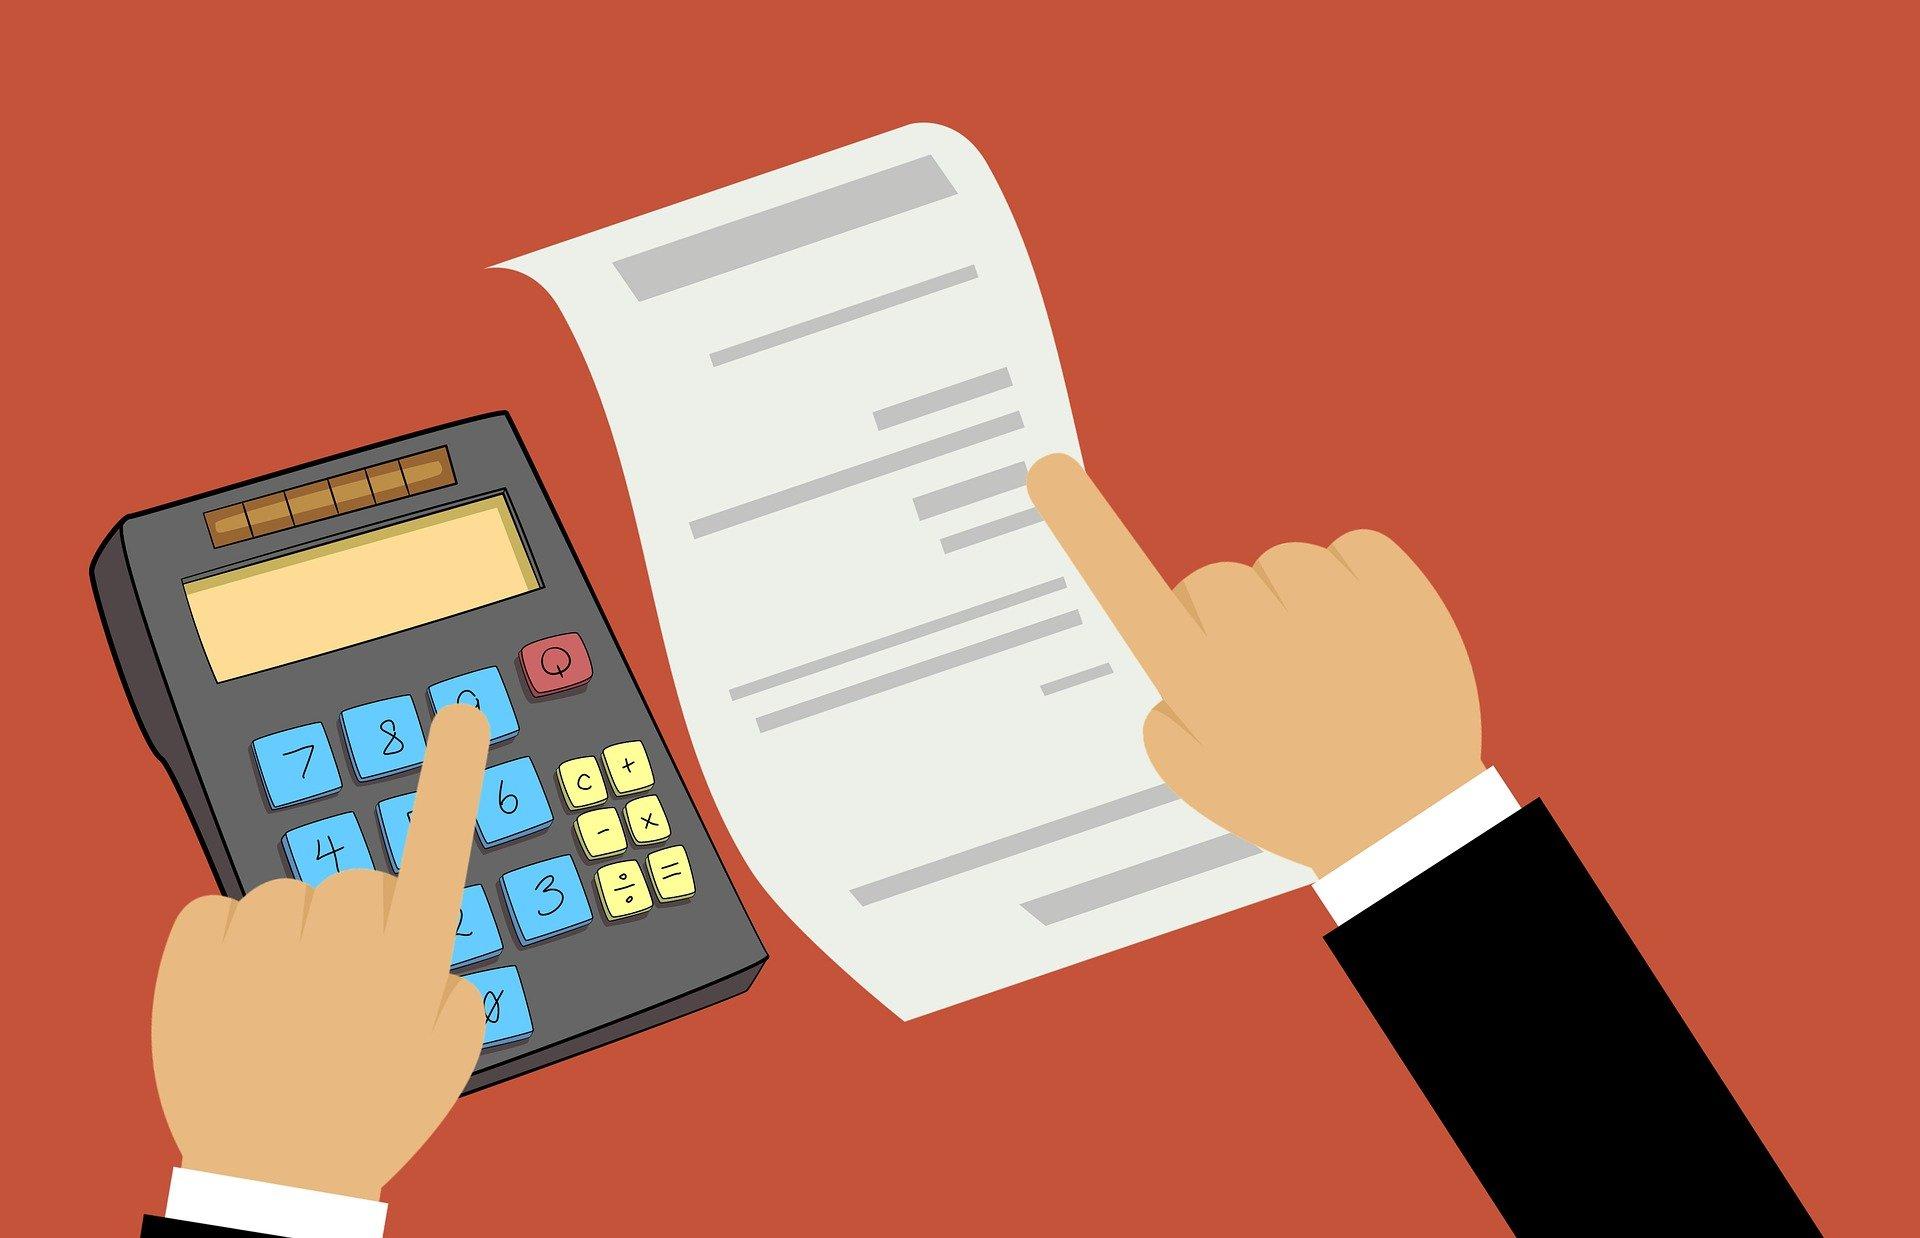 Apotheke Digitalisierung Kasse eCommerce eRezept Verfügbarkeit Preis